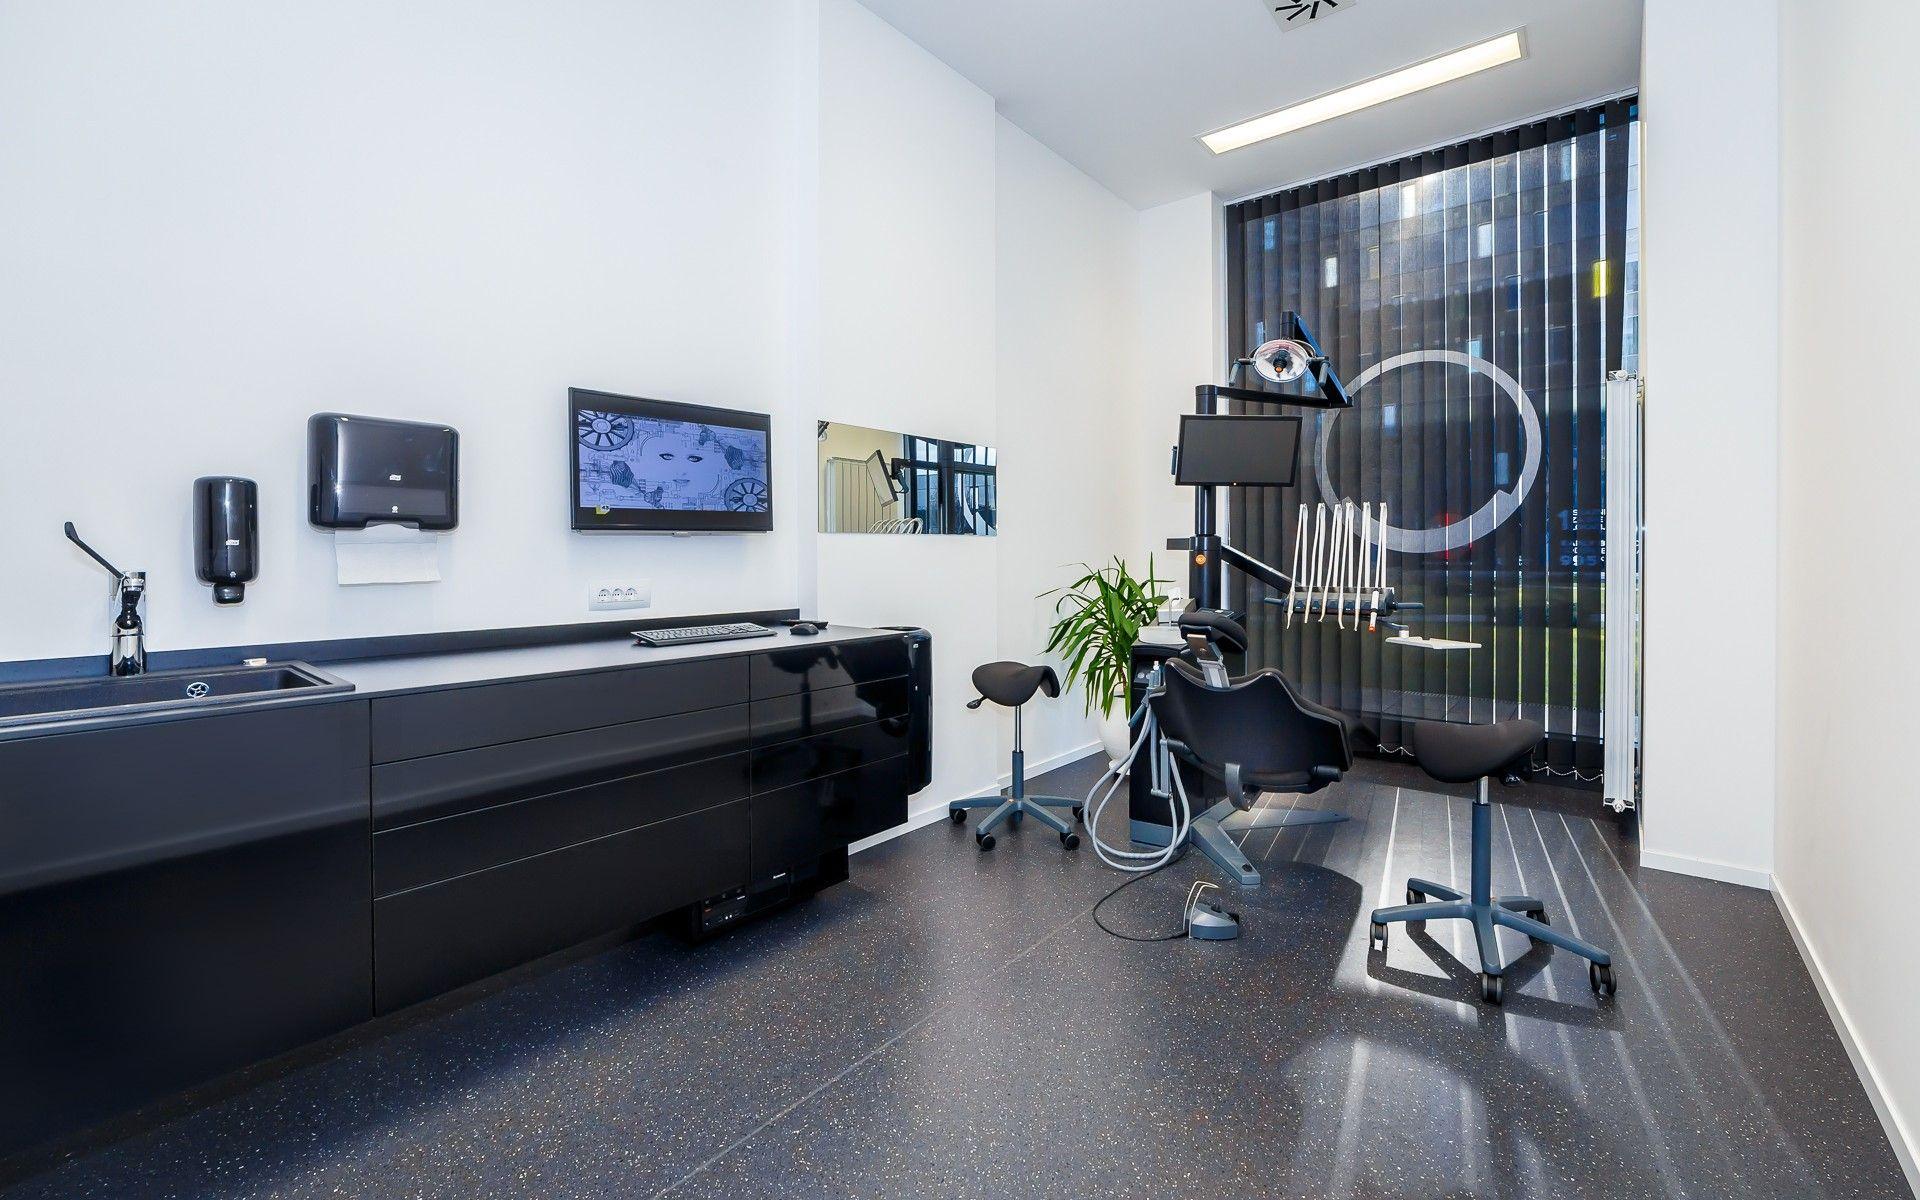 Dental Office Interior Design Black White Minimalistic Xo Care Dental Unit Black Interior Design Office Interior Design Healthcare Design